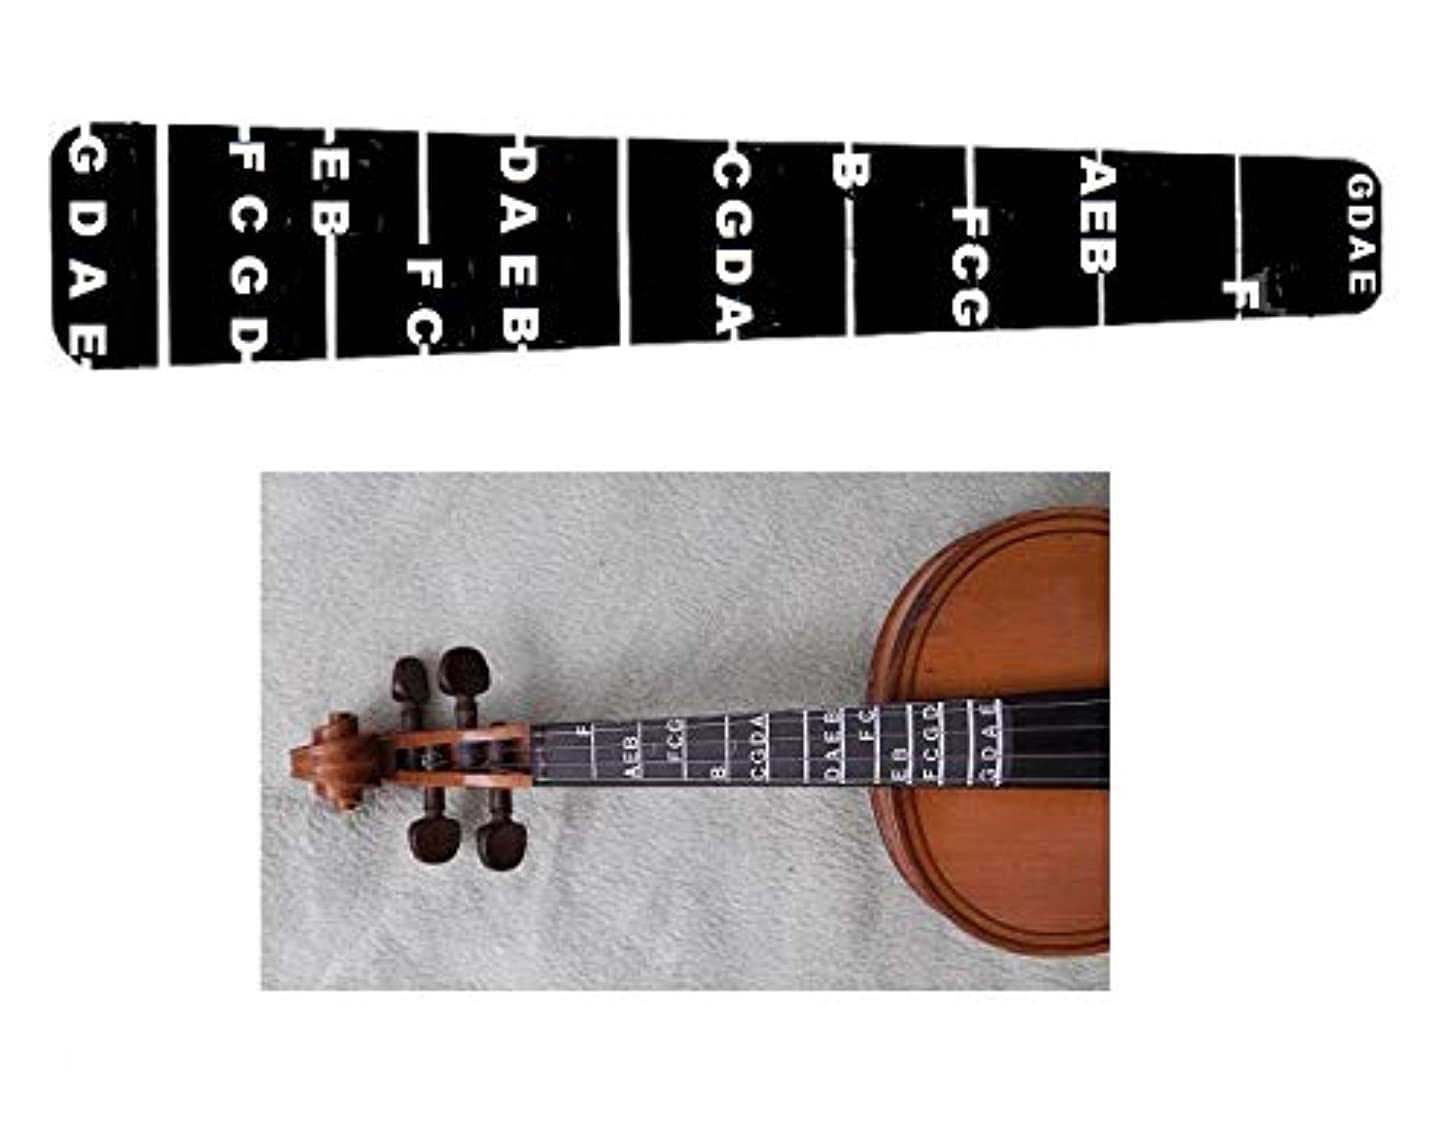 1 Violin Fiddle Fingerboard Fret Guide Labels 4/4 Fingering Chart